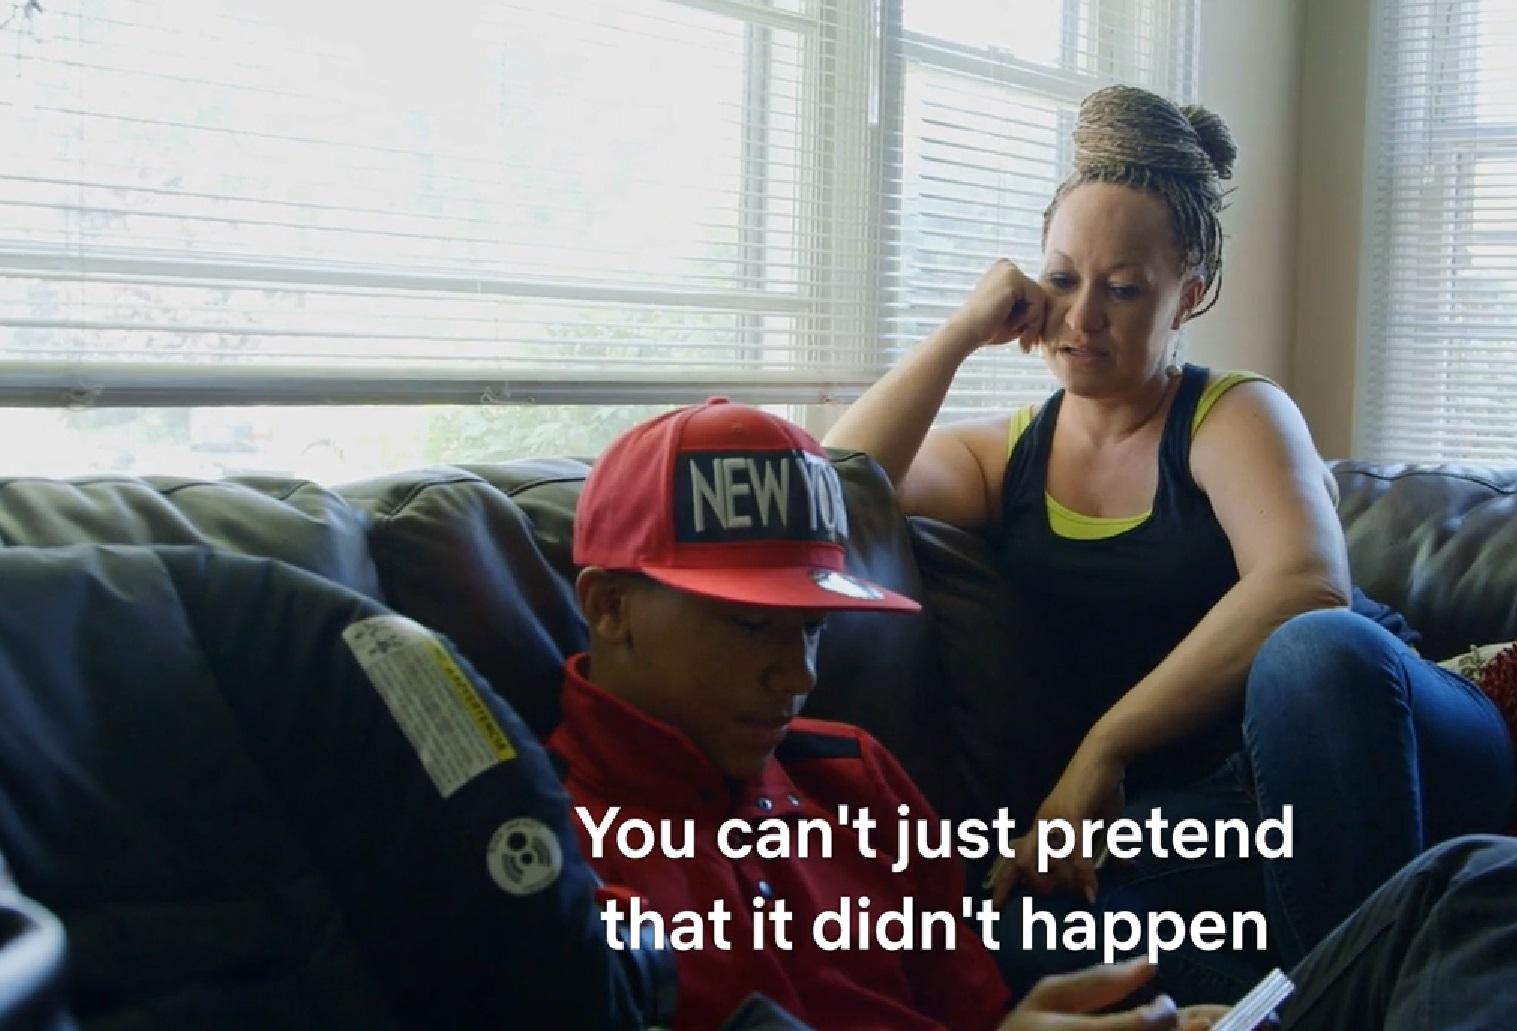 Dokumentumfilm készült a fekete aktivistáról, akiről kiderült, hogy valójában fehér